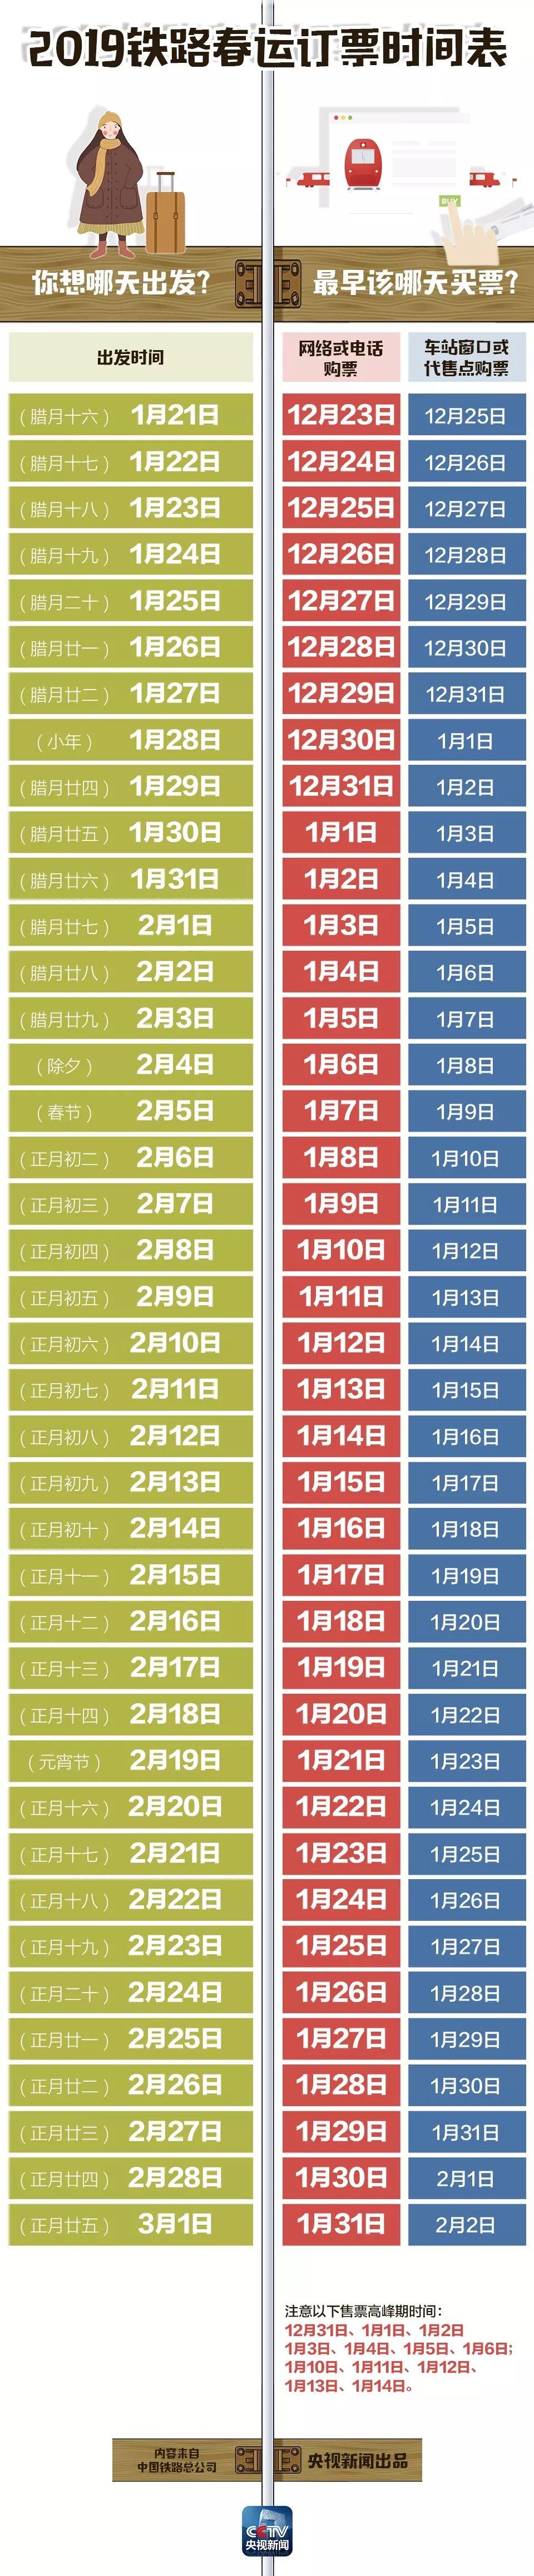 2019春运订票时间表官方版公布 哪天出发哪